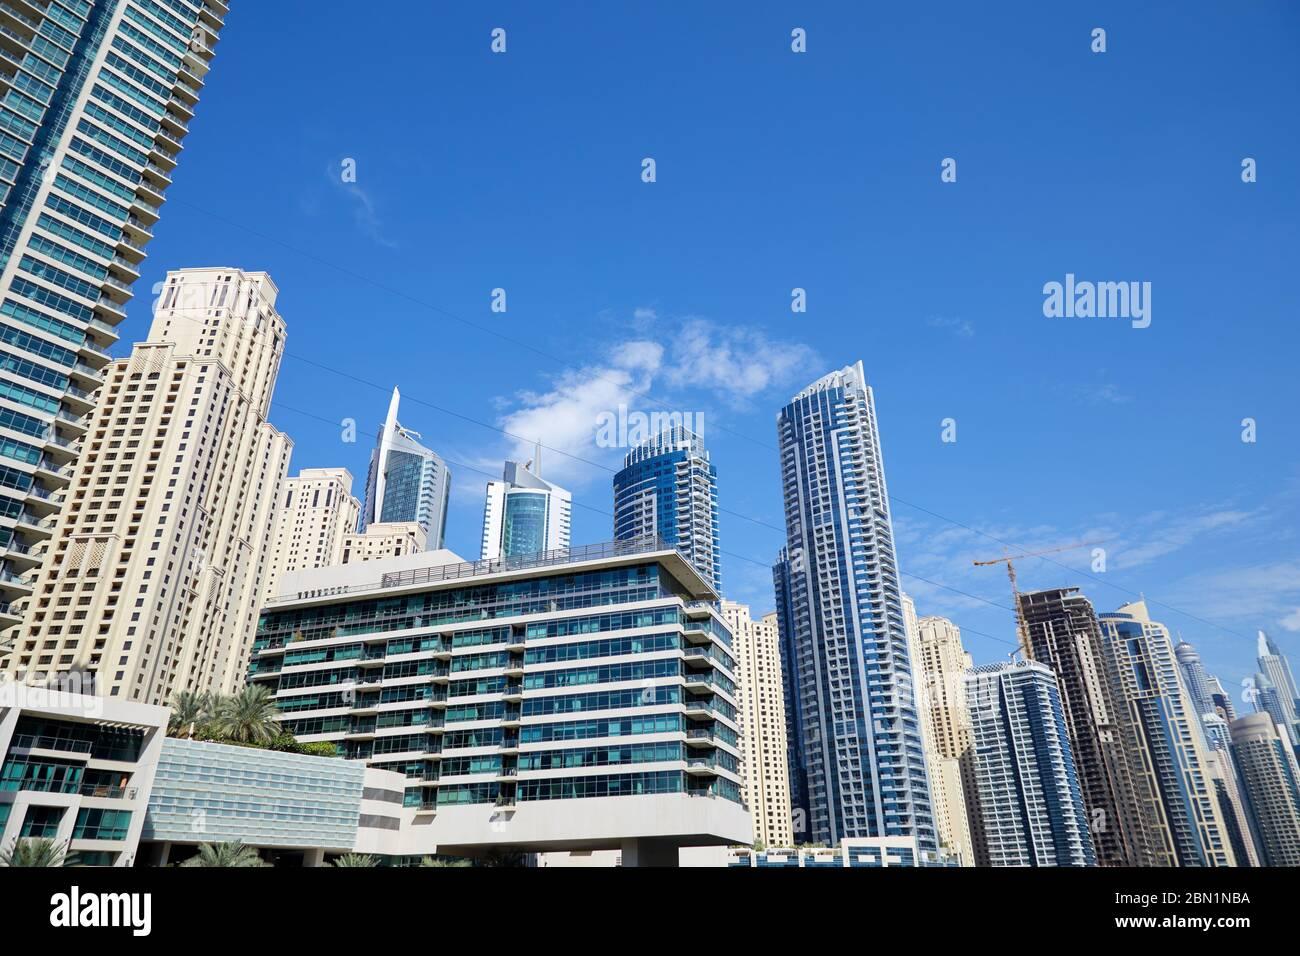 La marina de Dubaï offre une vue à angle bas par temps ensoleillé, ciel bleu clair à Dubaï Banque D'Images